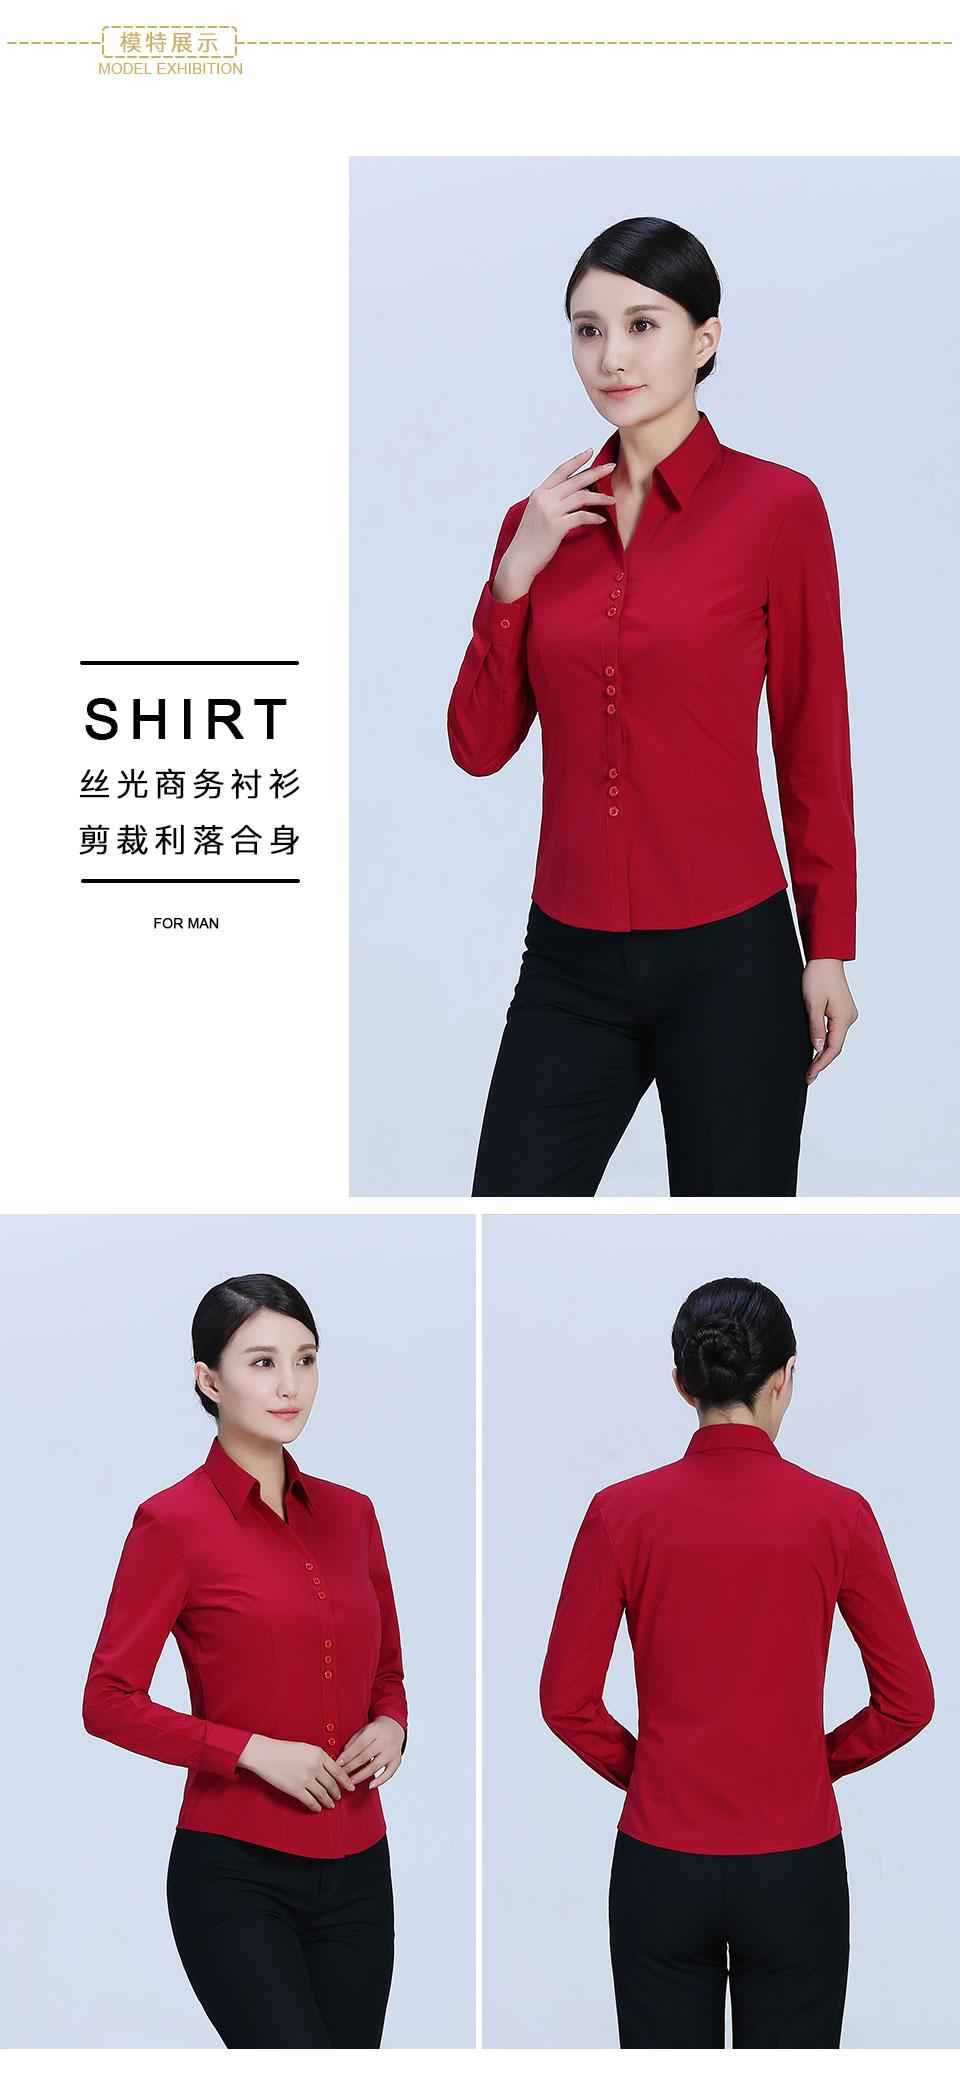 2019新款衬衫枣红女红色V领长袖衬衫